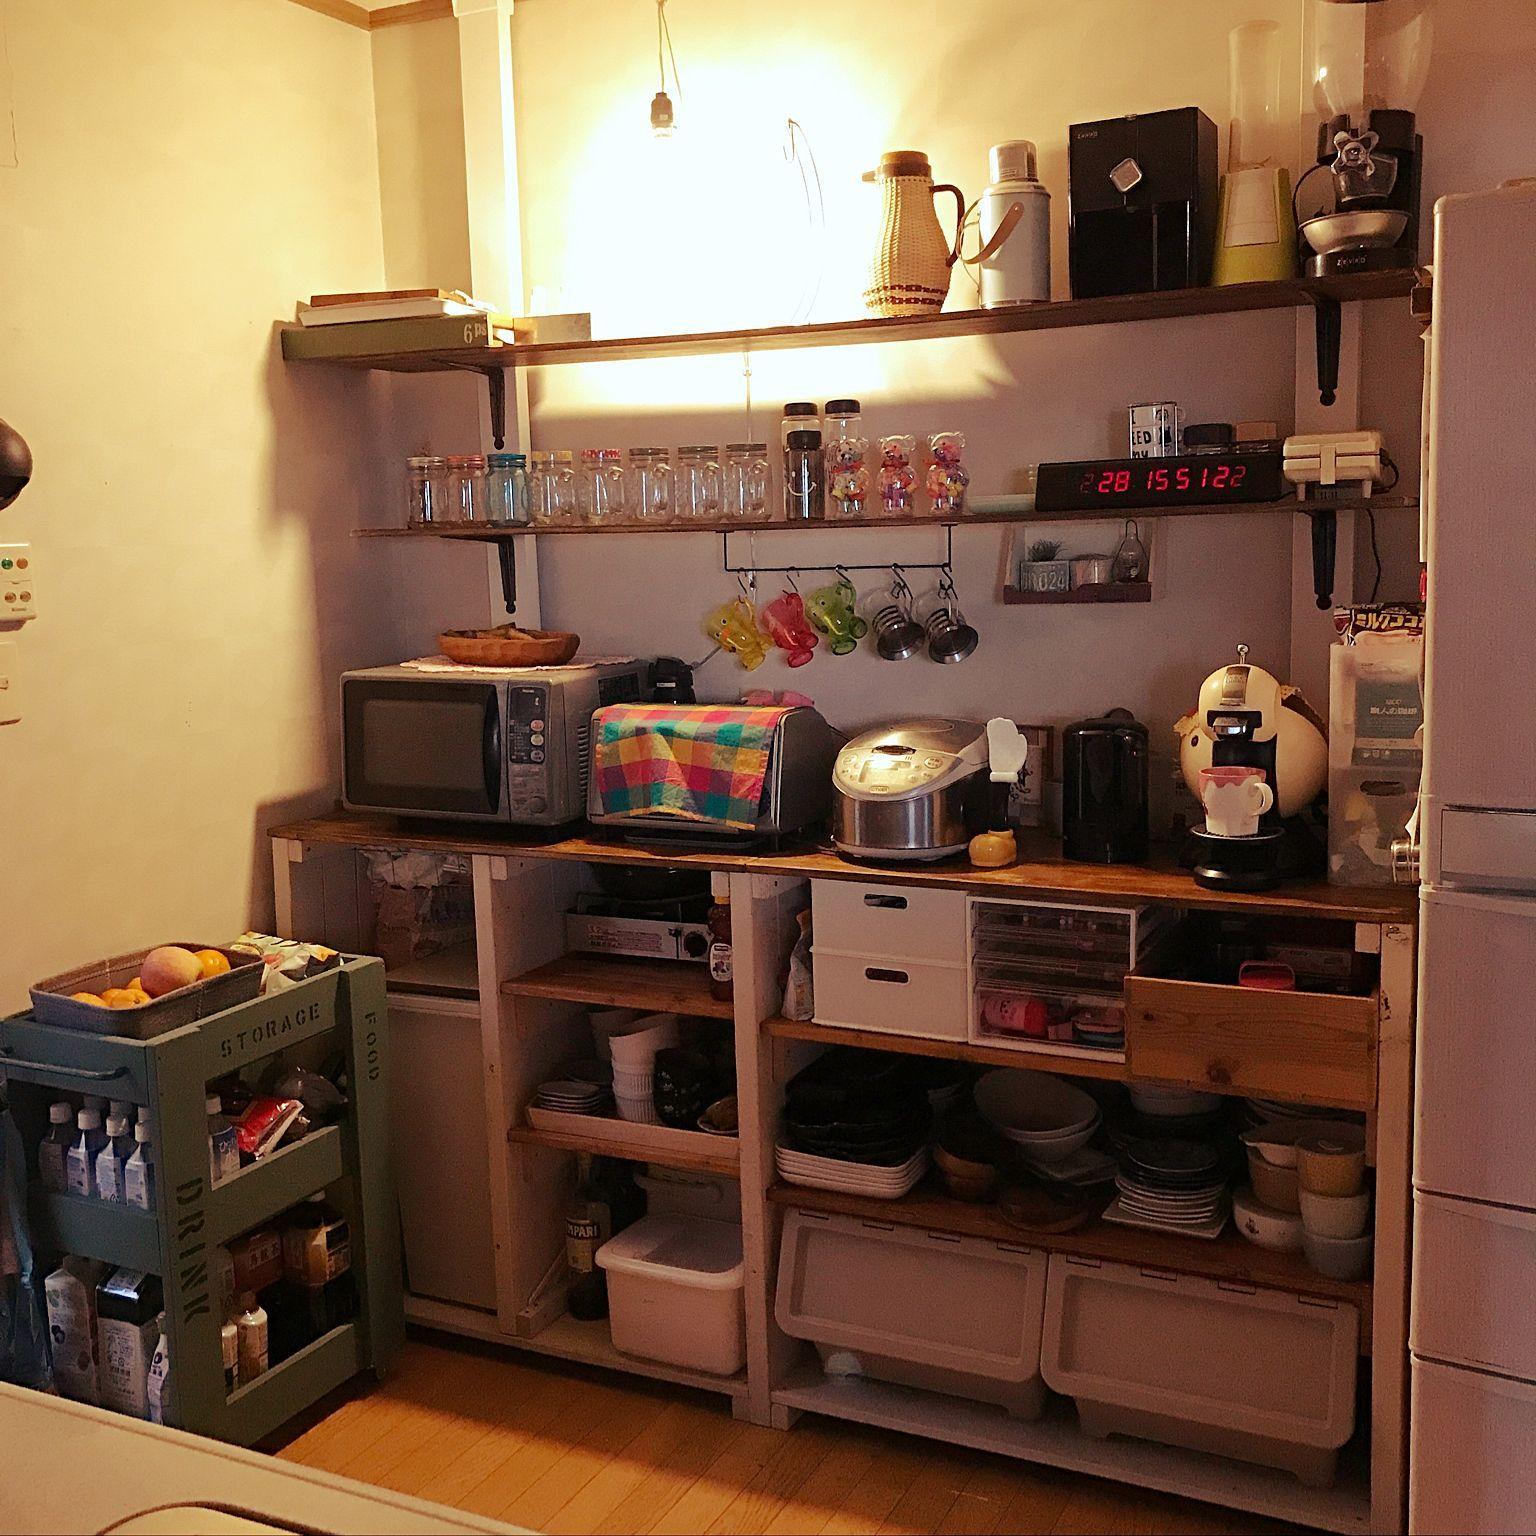 キッチン キッチンワゴンdiy ロー食器棚 ディアウォール棚のインテリア